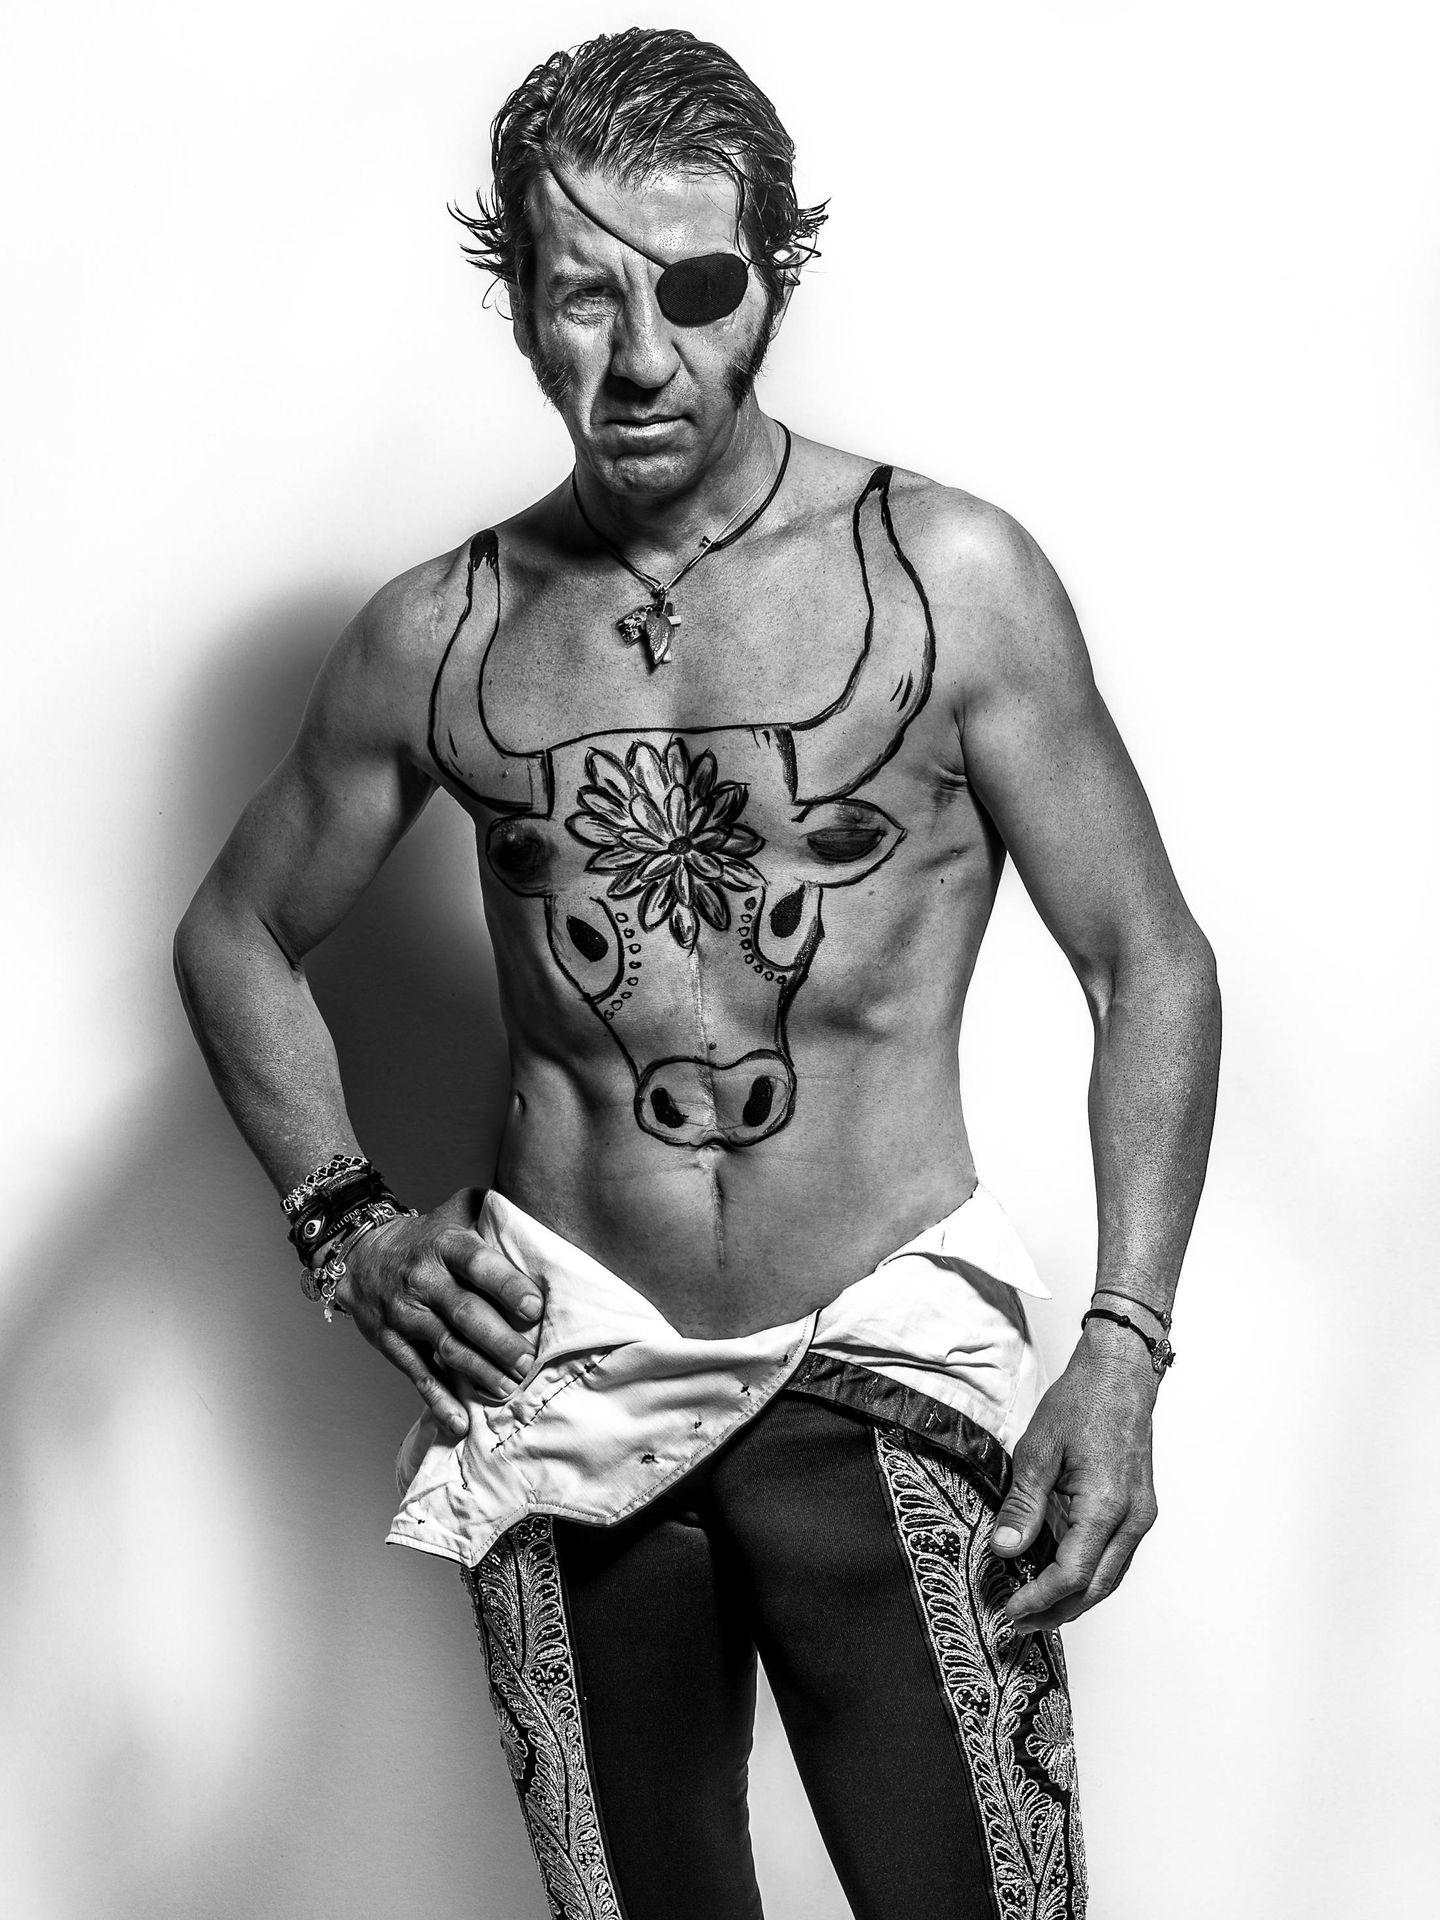 El diestro, con el pecho tatuado. (Foto: Juanrra Lozano)